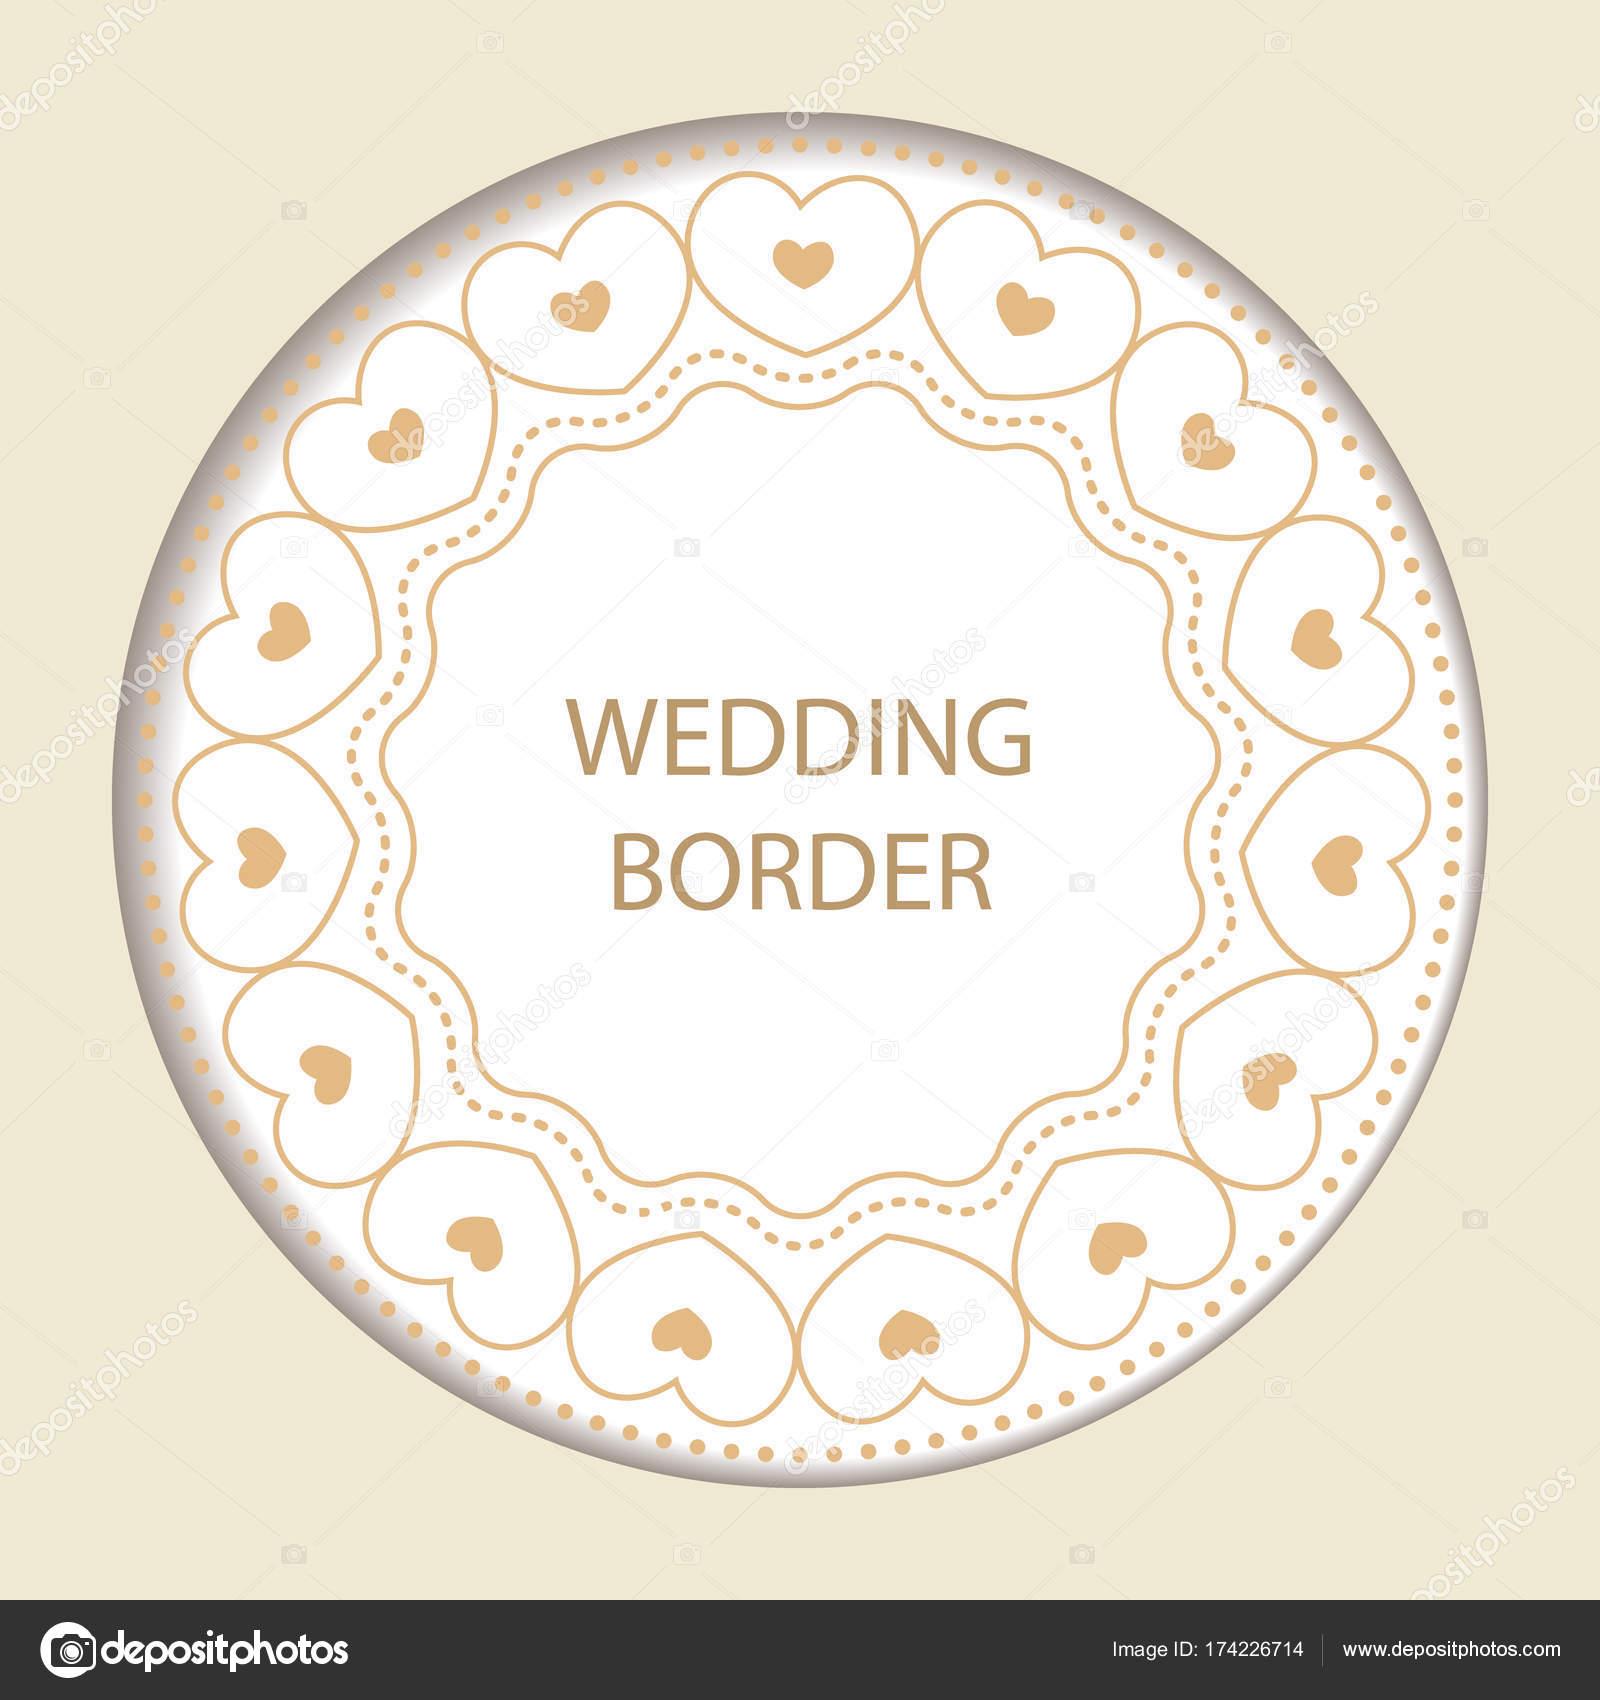 Runde Rahmen mit dekorativen Elementen. Hochzeitskarte mit gold hea ...